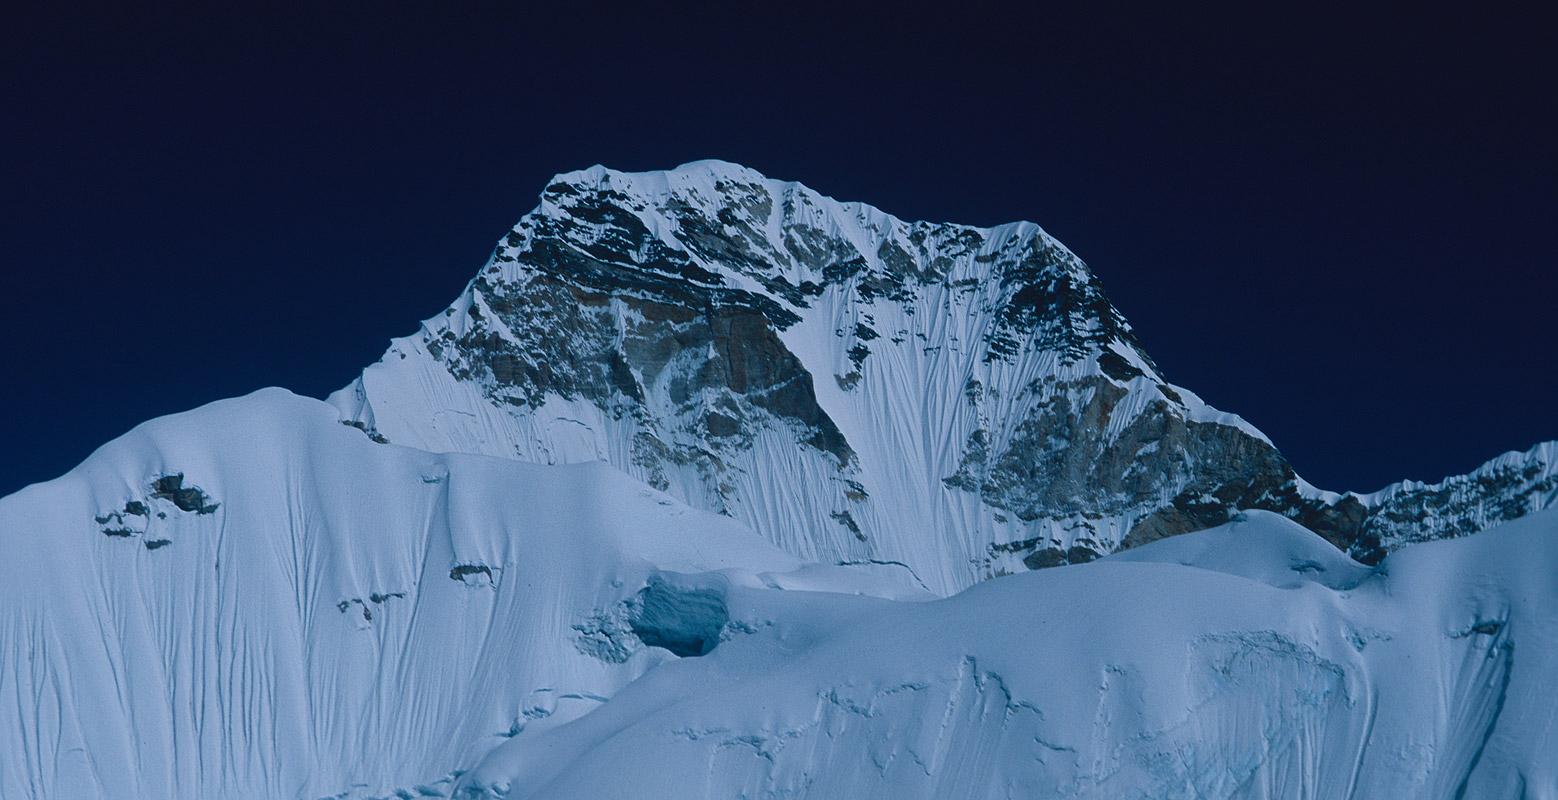 jongsang_peak_peak_drohmo_ri_2000RVP